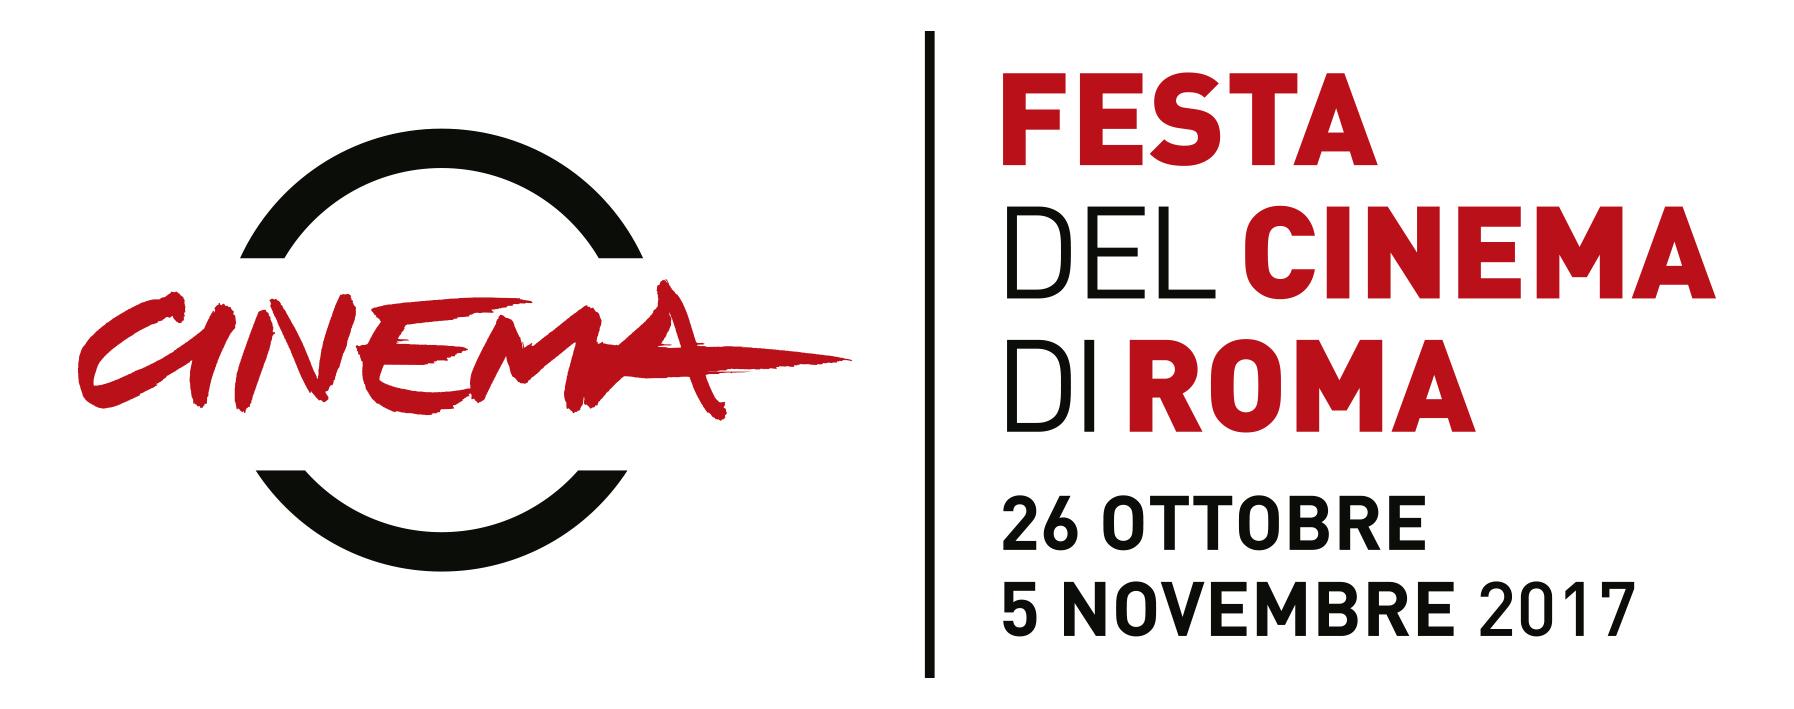 Sito ufficiale della Festa del Cinema di Roma